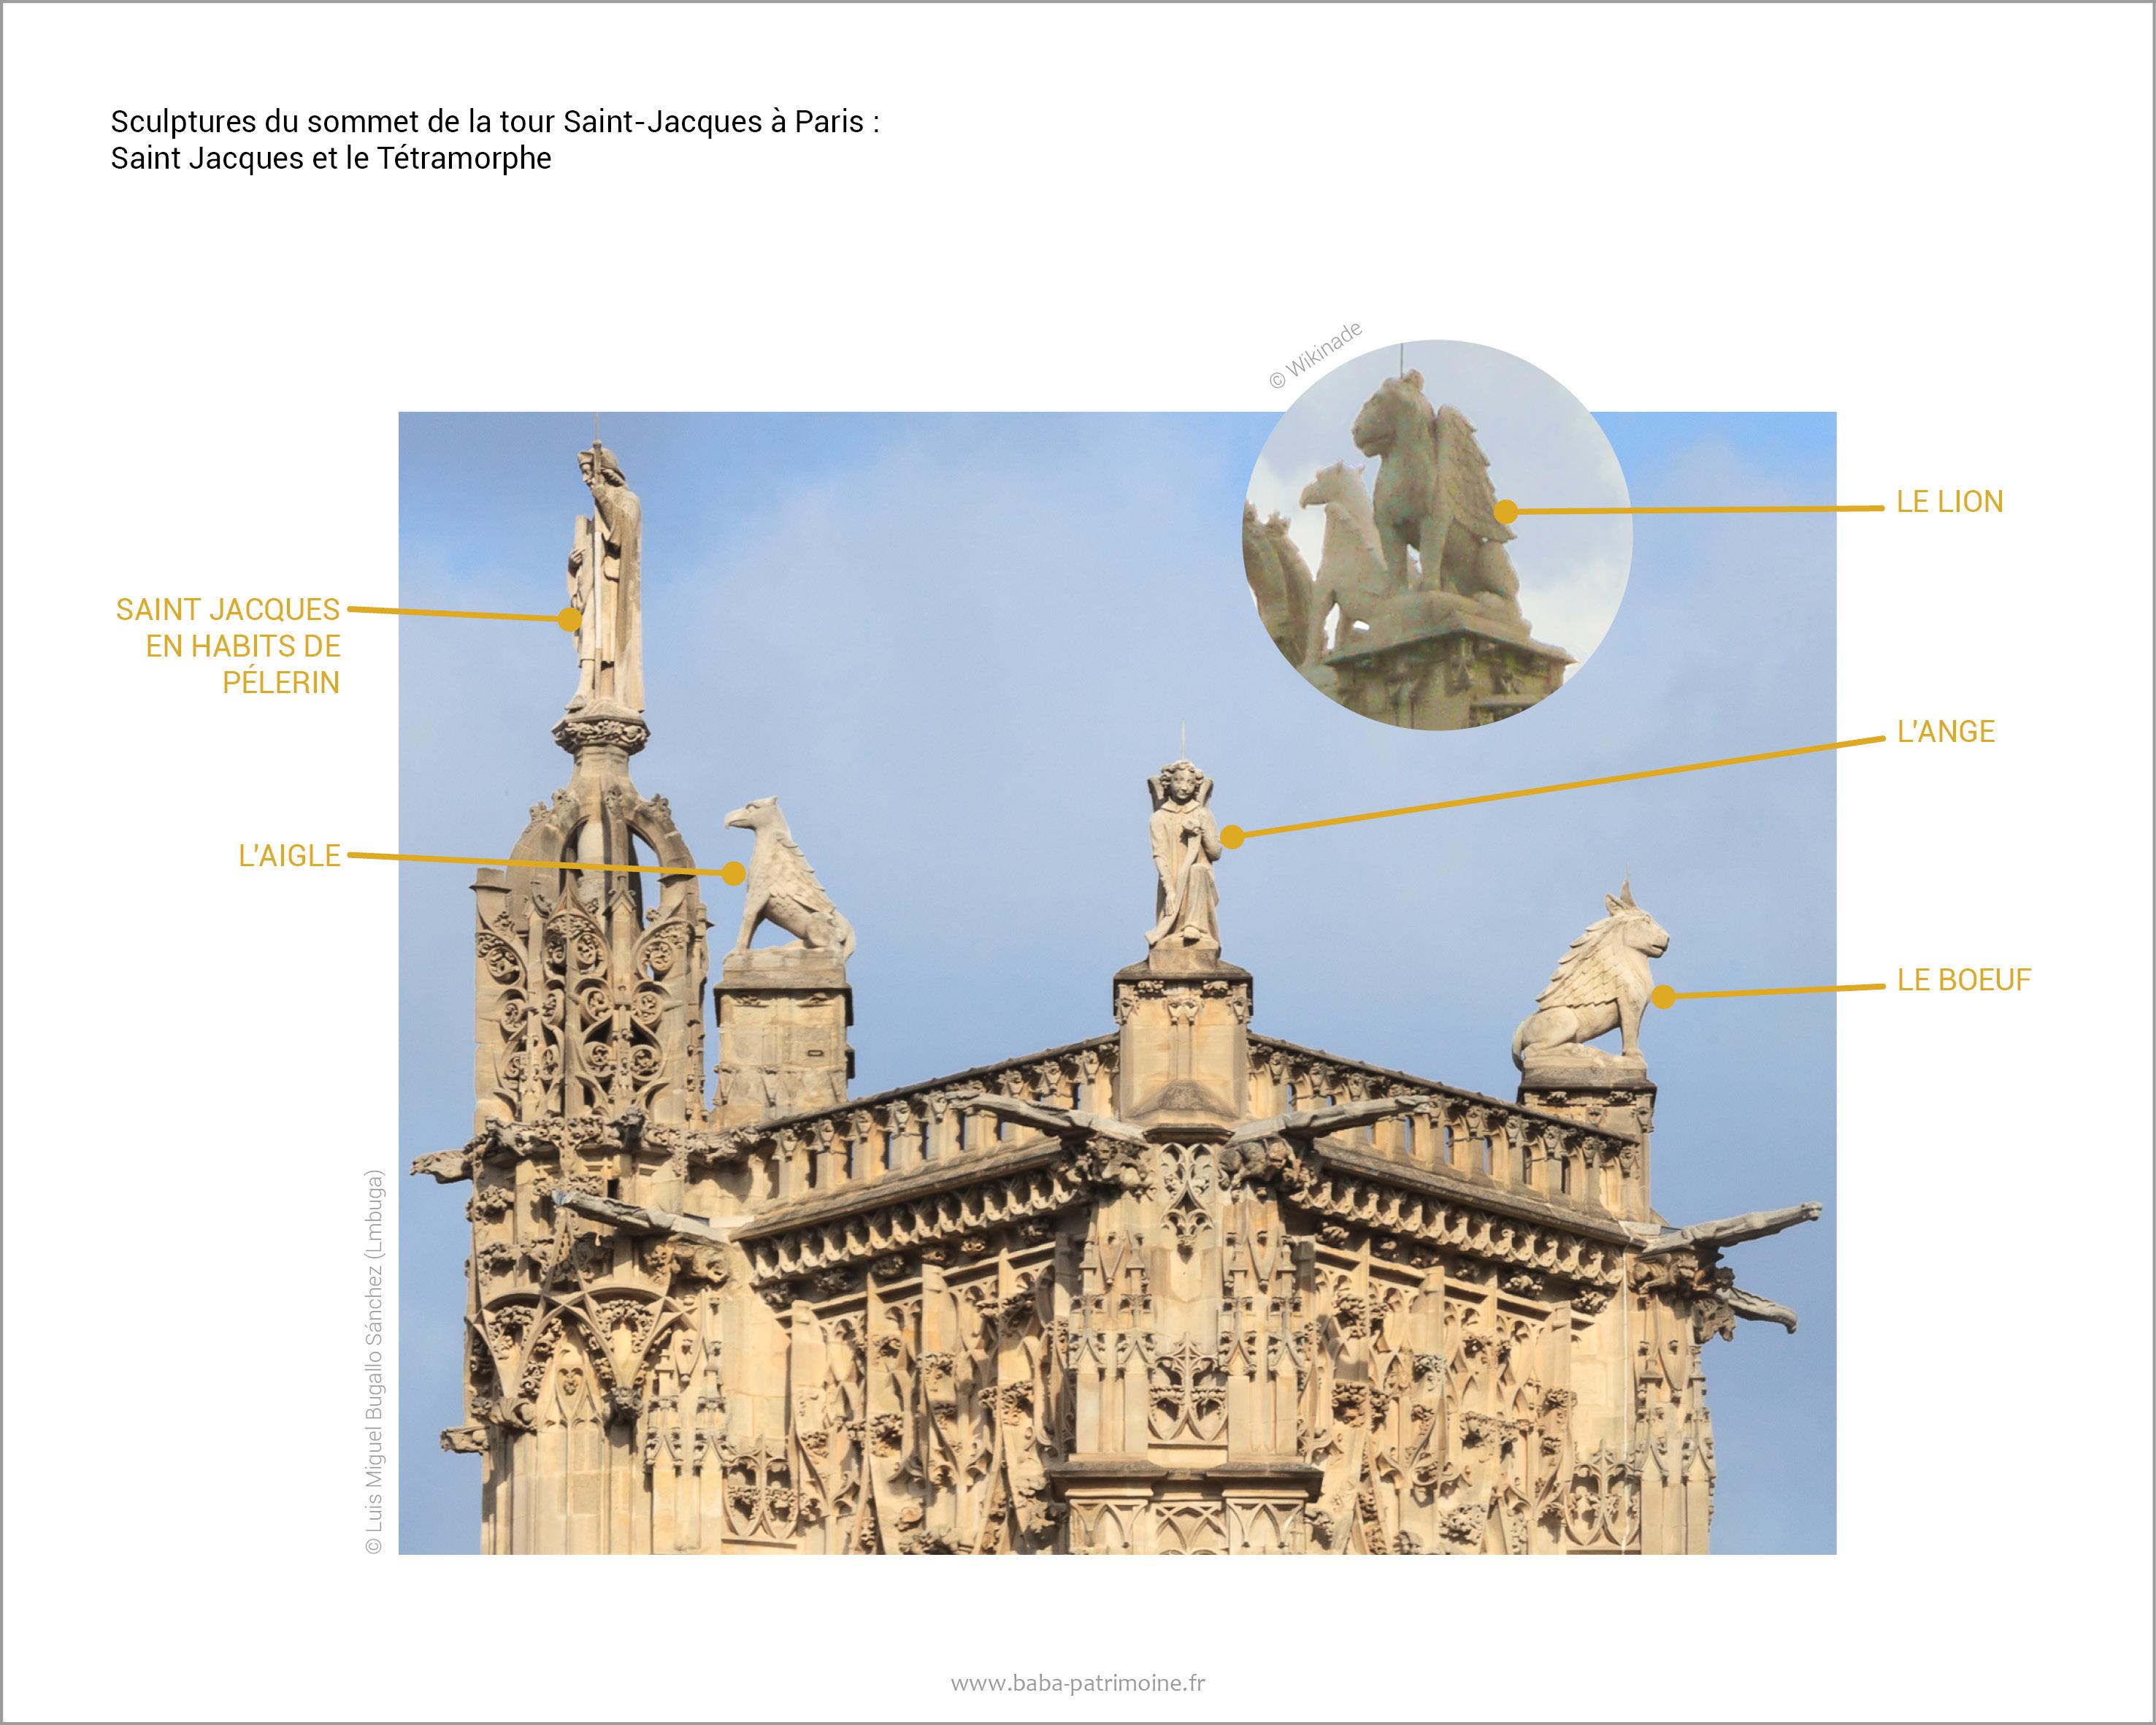 Les sculptures de Saint Jacques et le Tétramorphe au sommet de la tour Saint Jacques, à Paris.